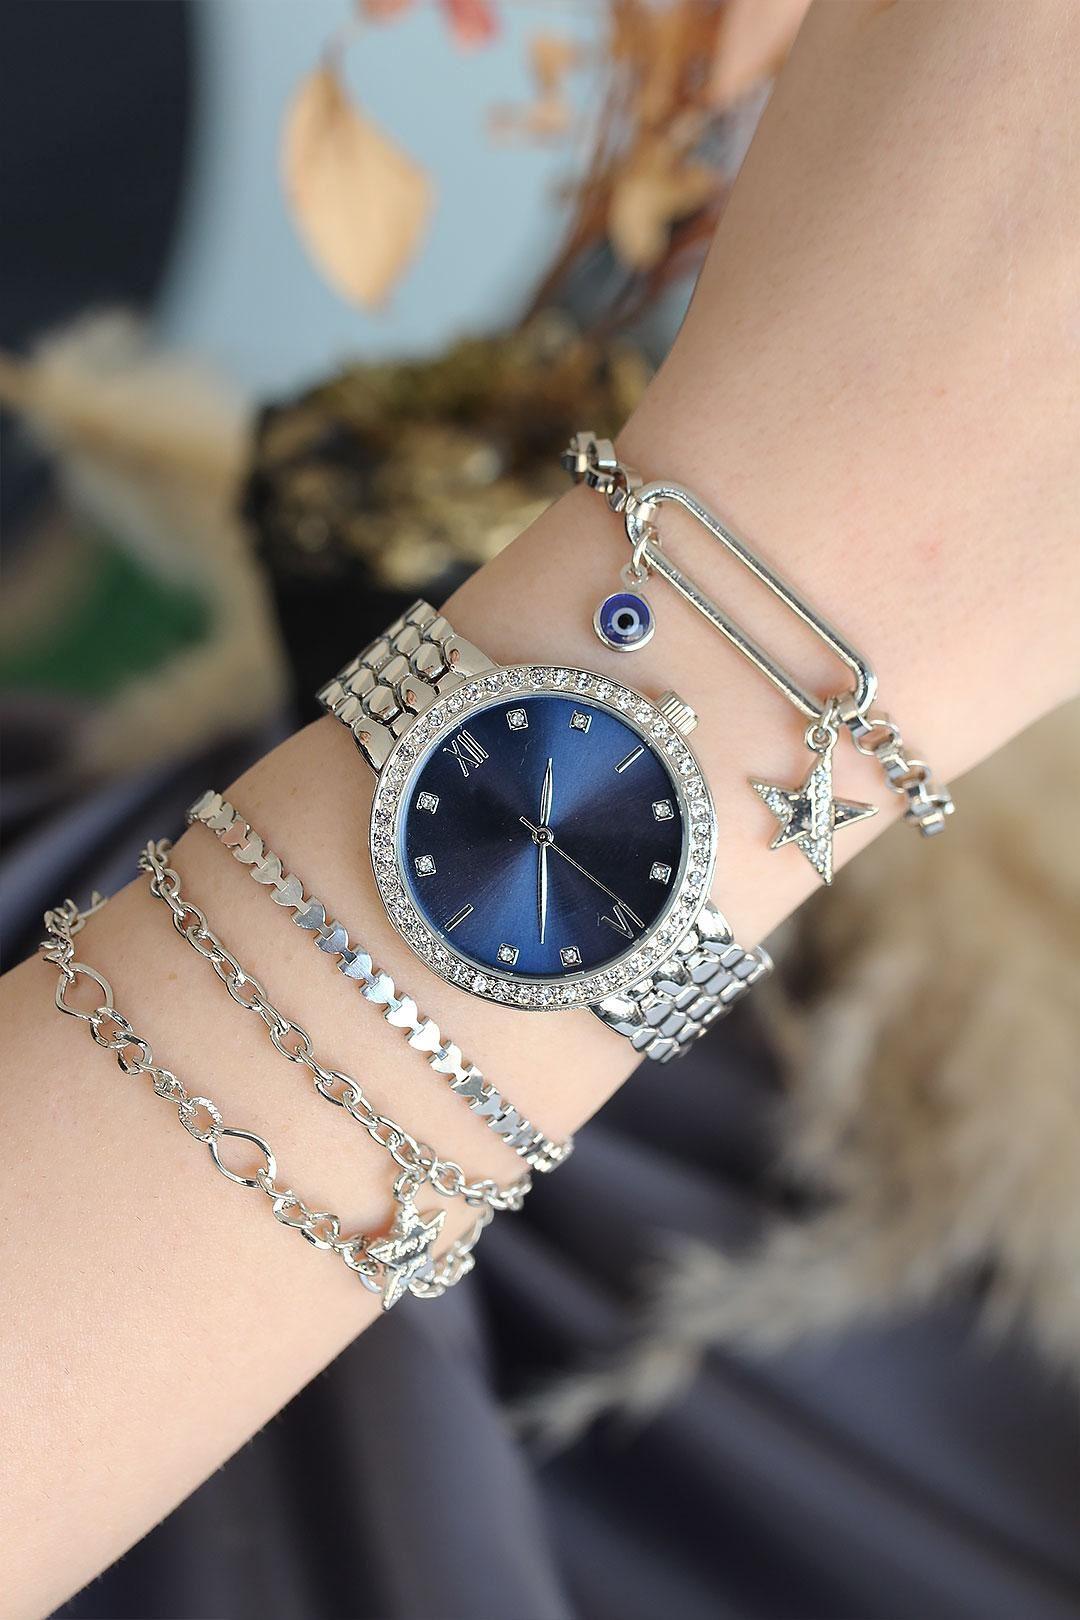 Roma Rakamlı Gümüş Renk Metal Taşlı Kasa Mavi Kadran Kadın Saat ve Bileklik Kombini